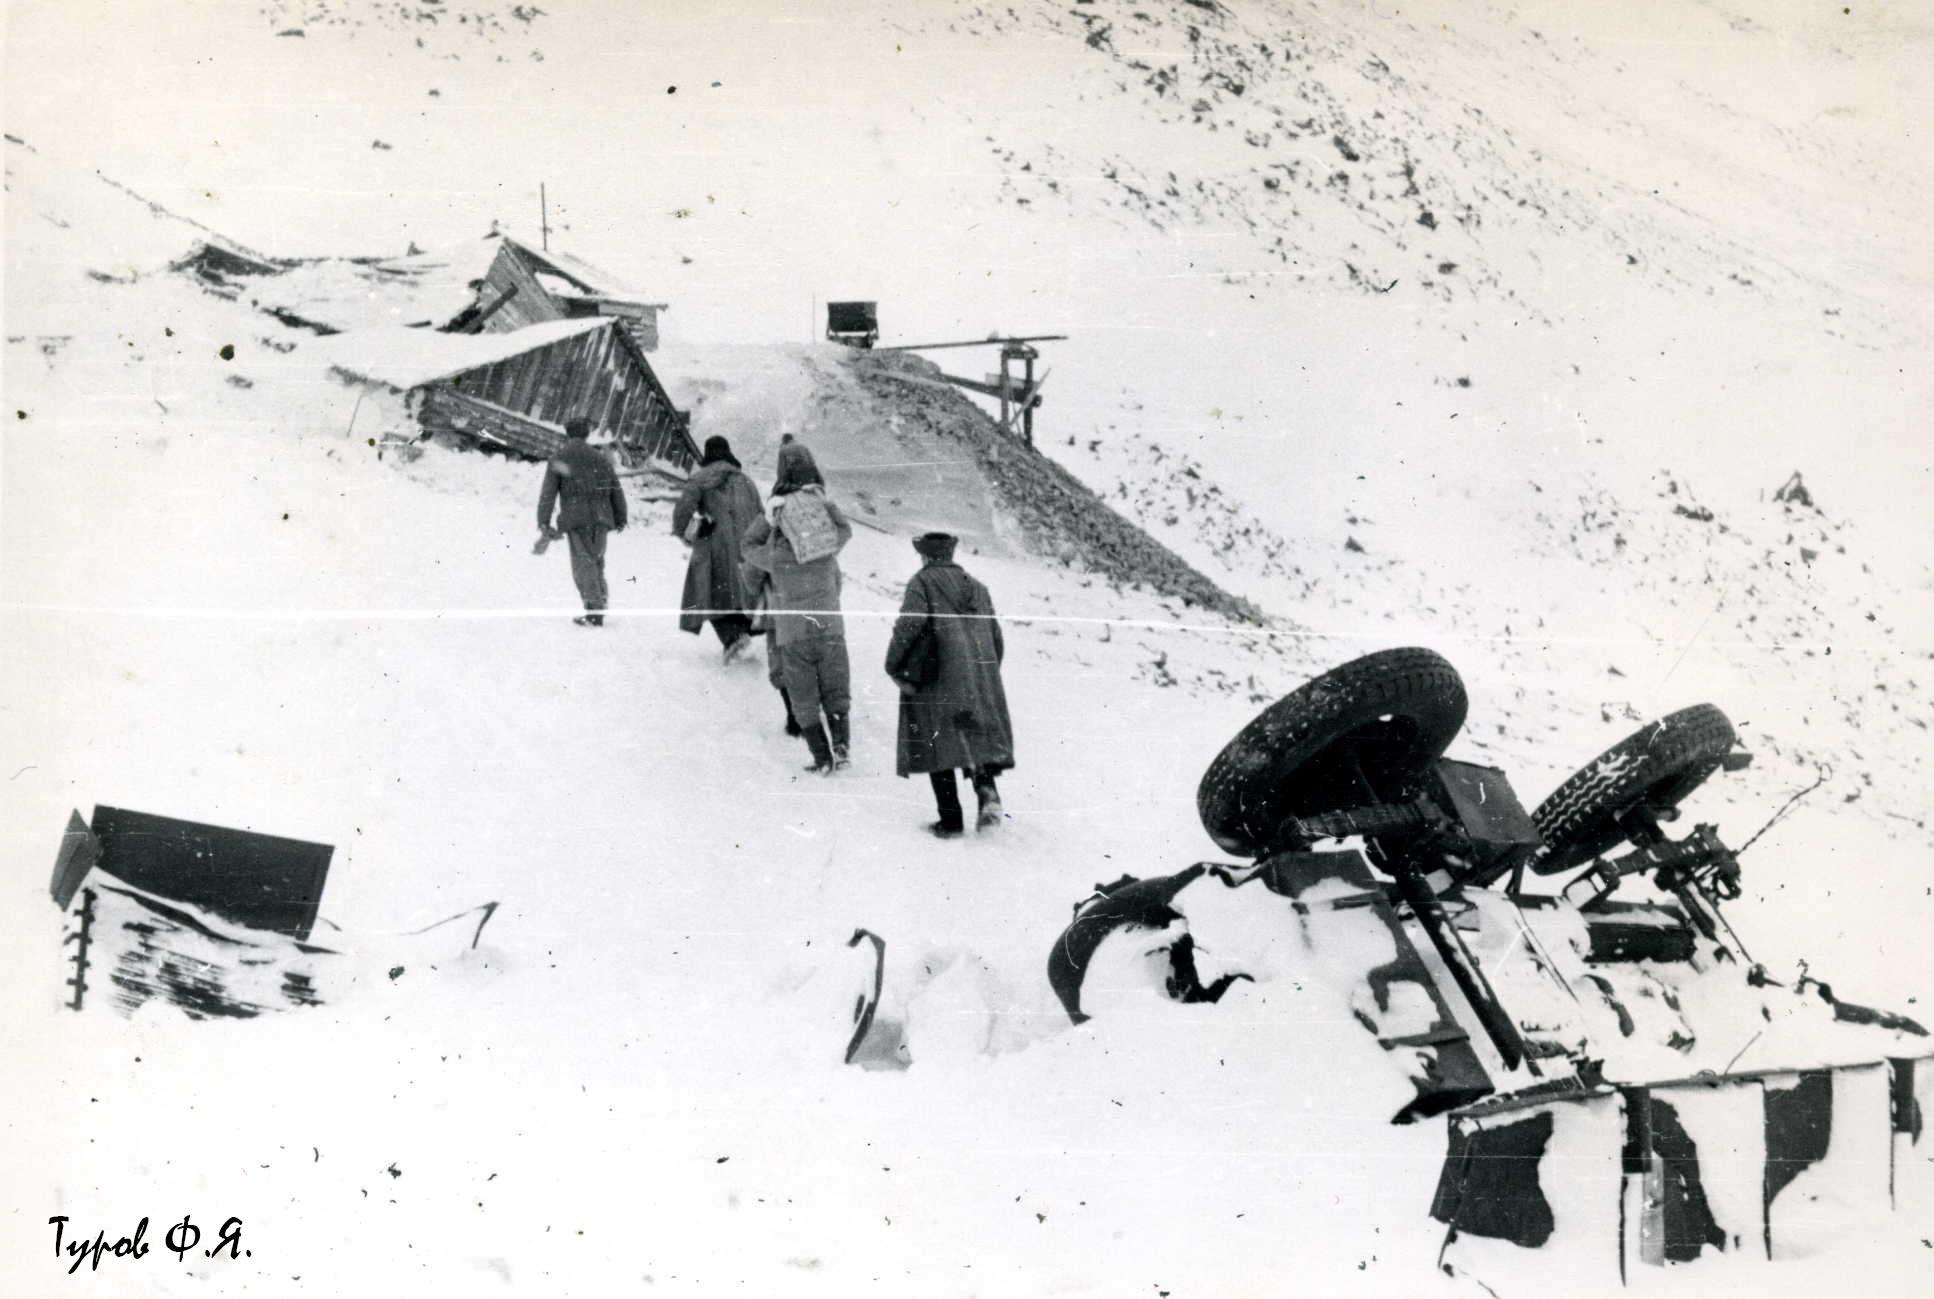 Штольня Базисного в Сланцевом на Харбее 1961